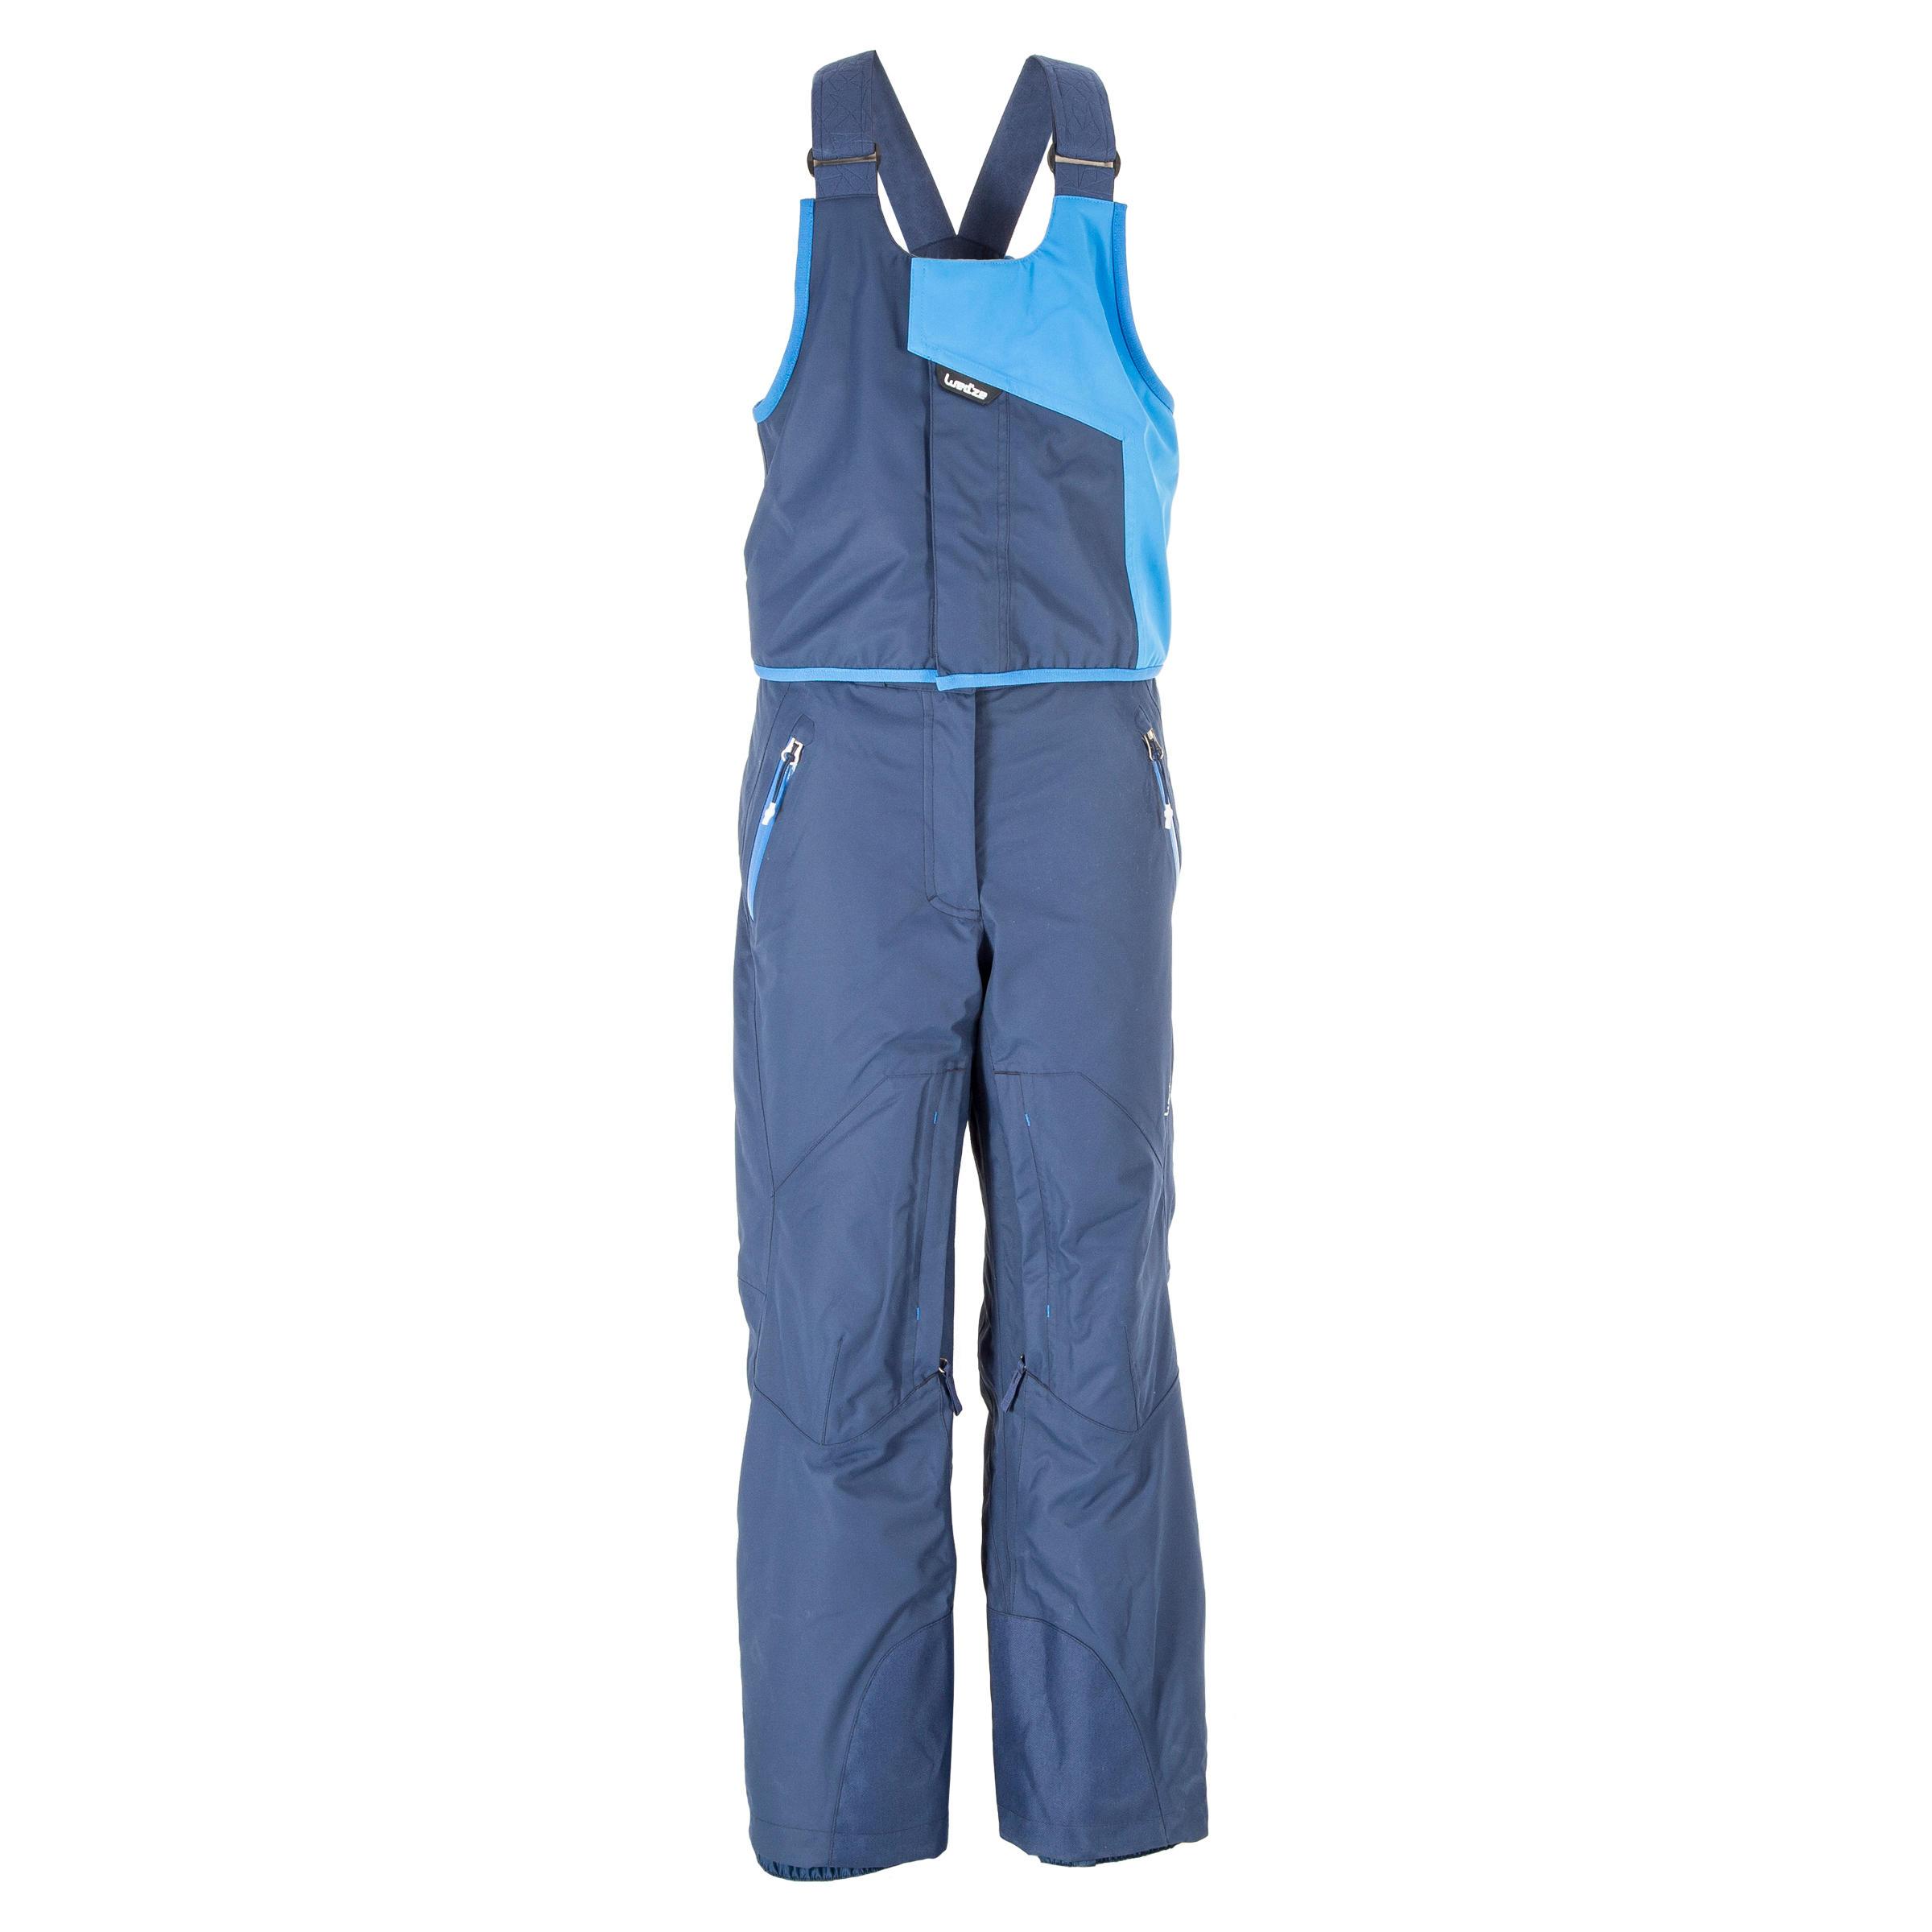 Pantalon de ski Toute montagne enfant 990 bleu